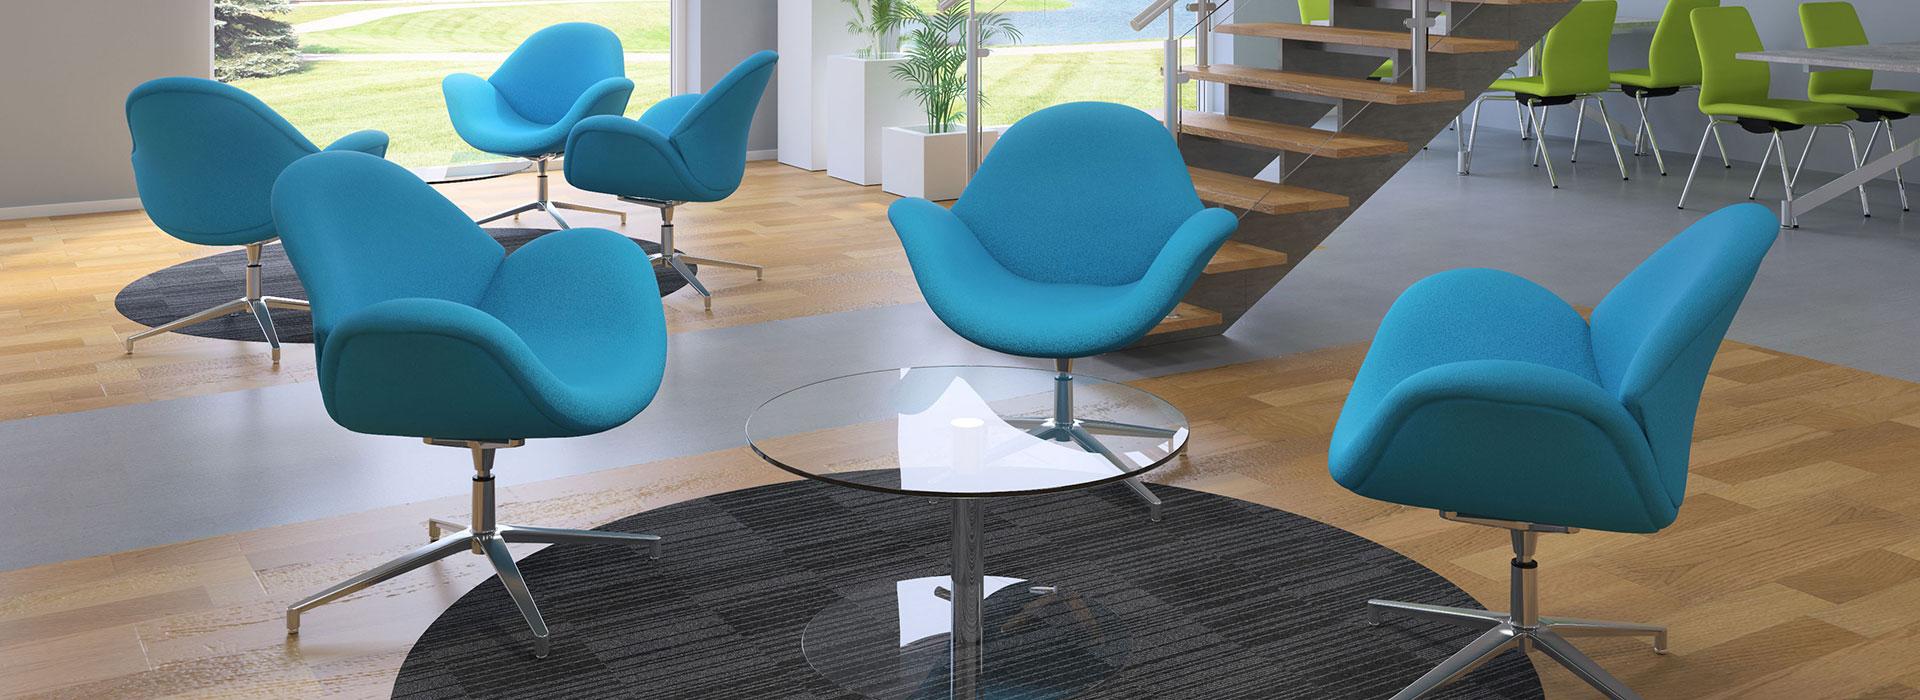 Office Furniture Cheltenham & Gloucester | Severn Furnishing